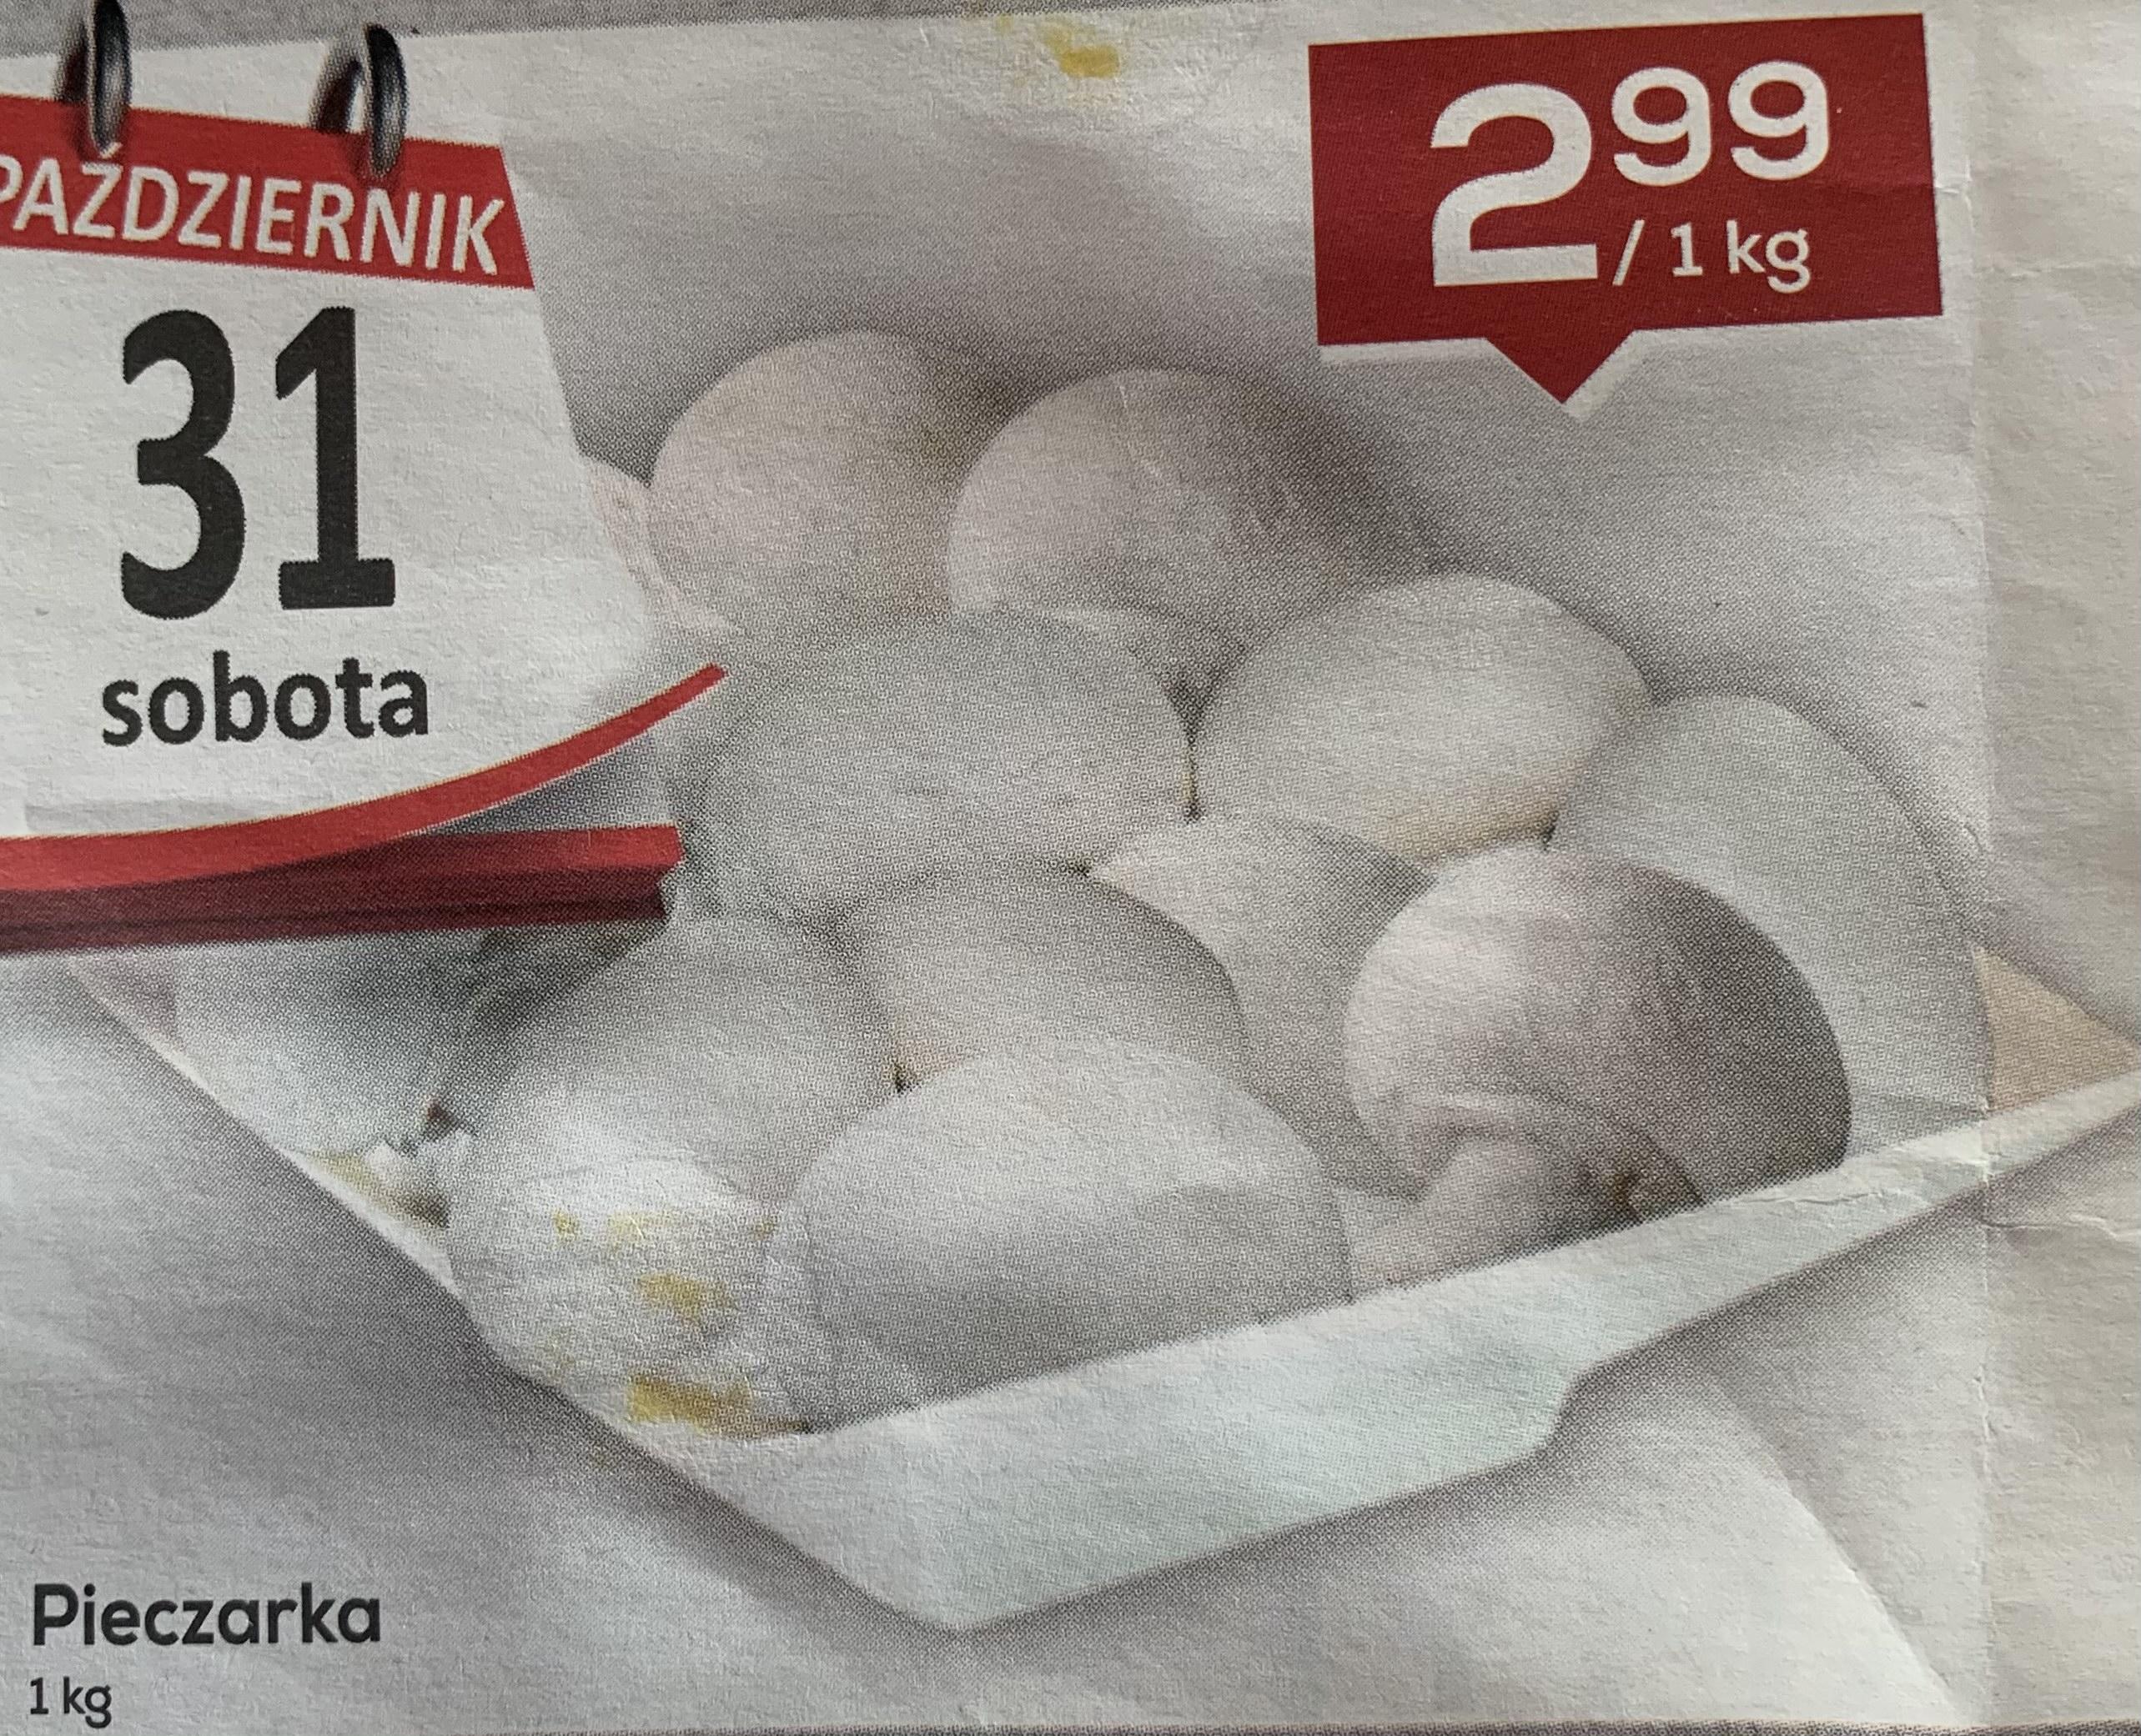 Pieczarka Polska 1kg - Lewiatan Sędziszów